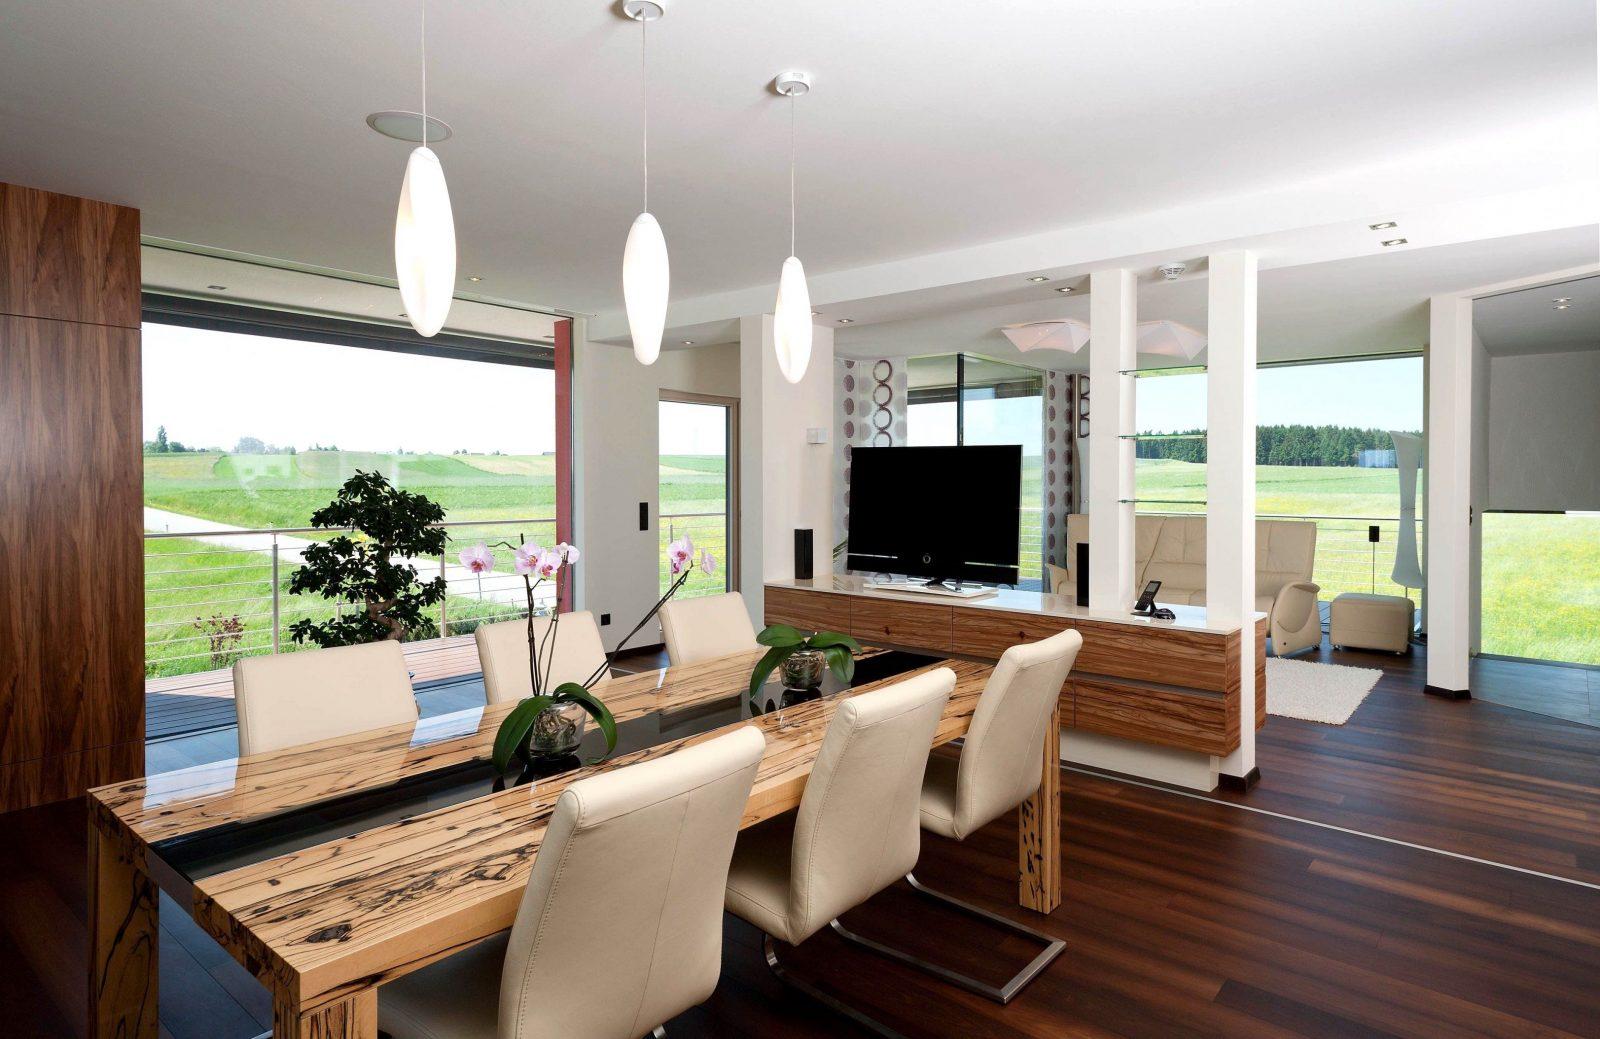 Wohnzimmer Mit Essbereich Gestalten Gepolsterte On Moderne Deko Idee Von Modernes  Wohnzimmer Mit Essbereich Bild